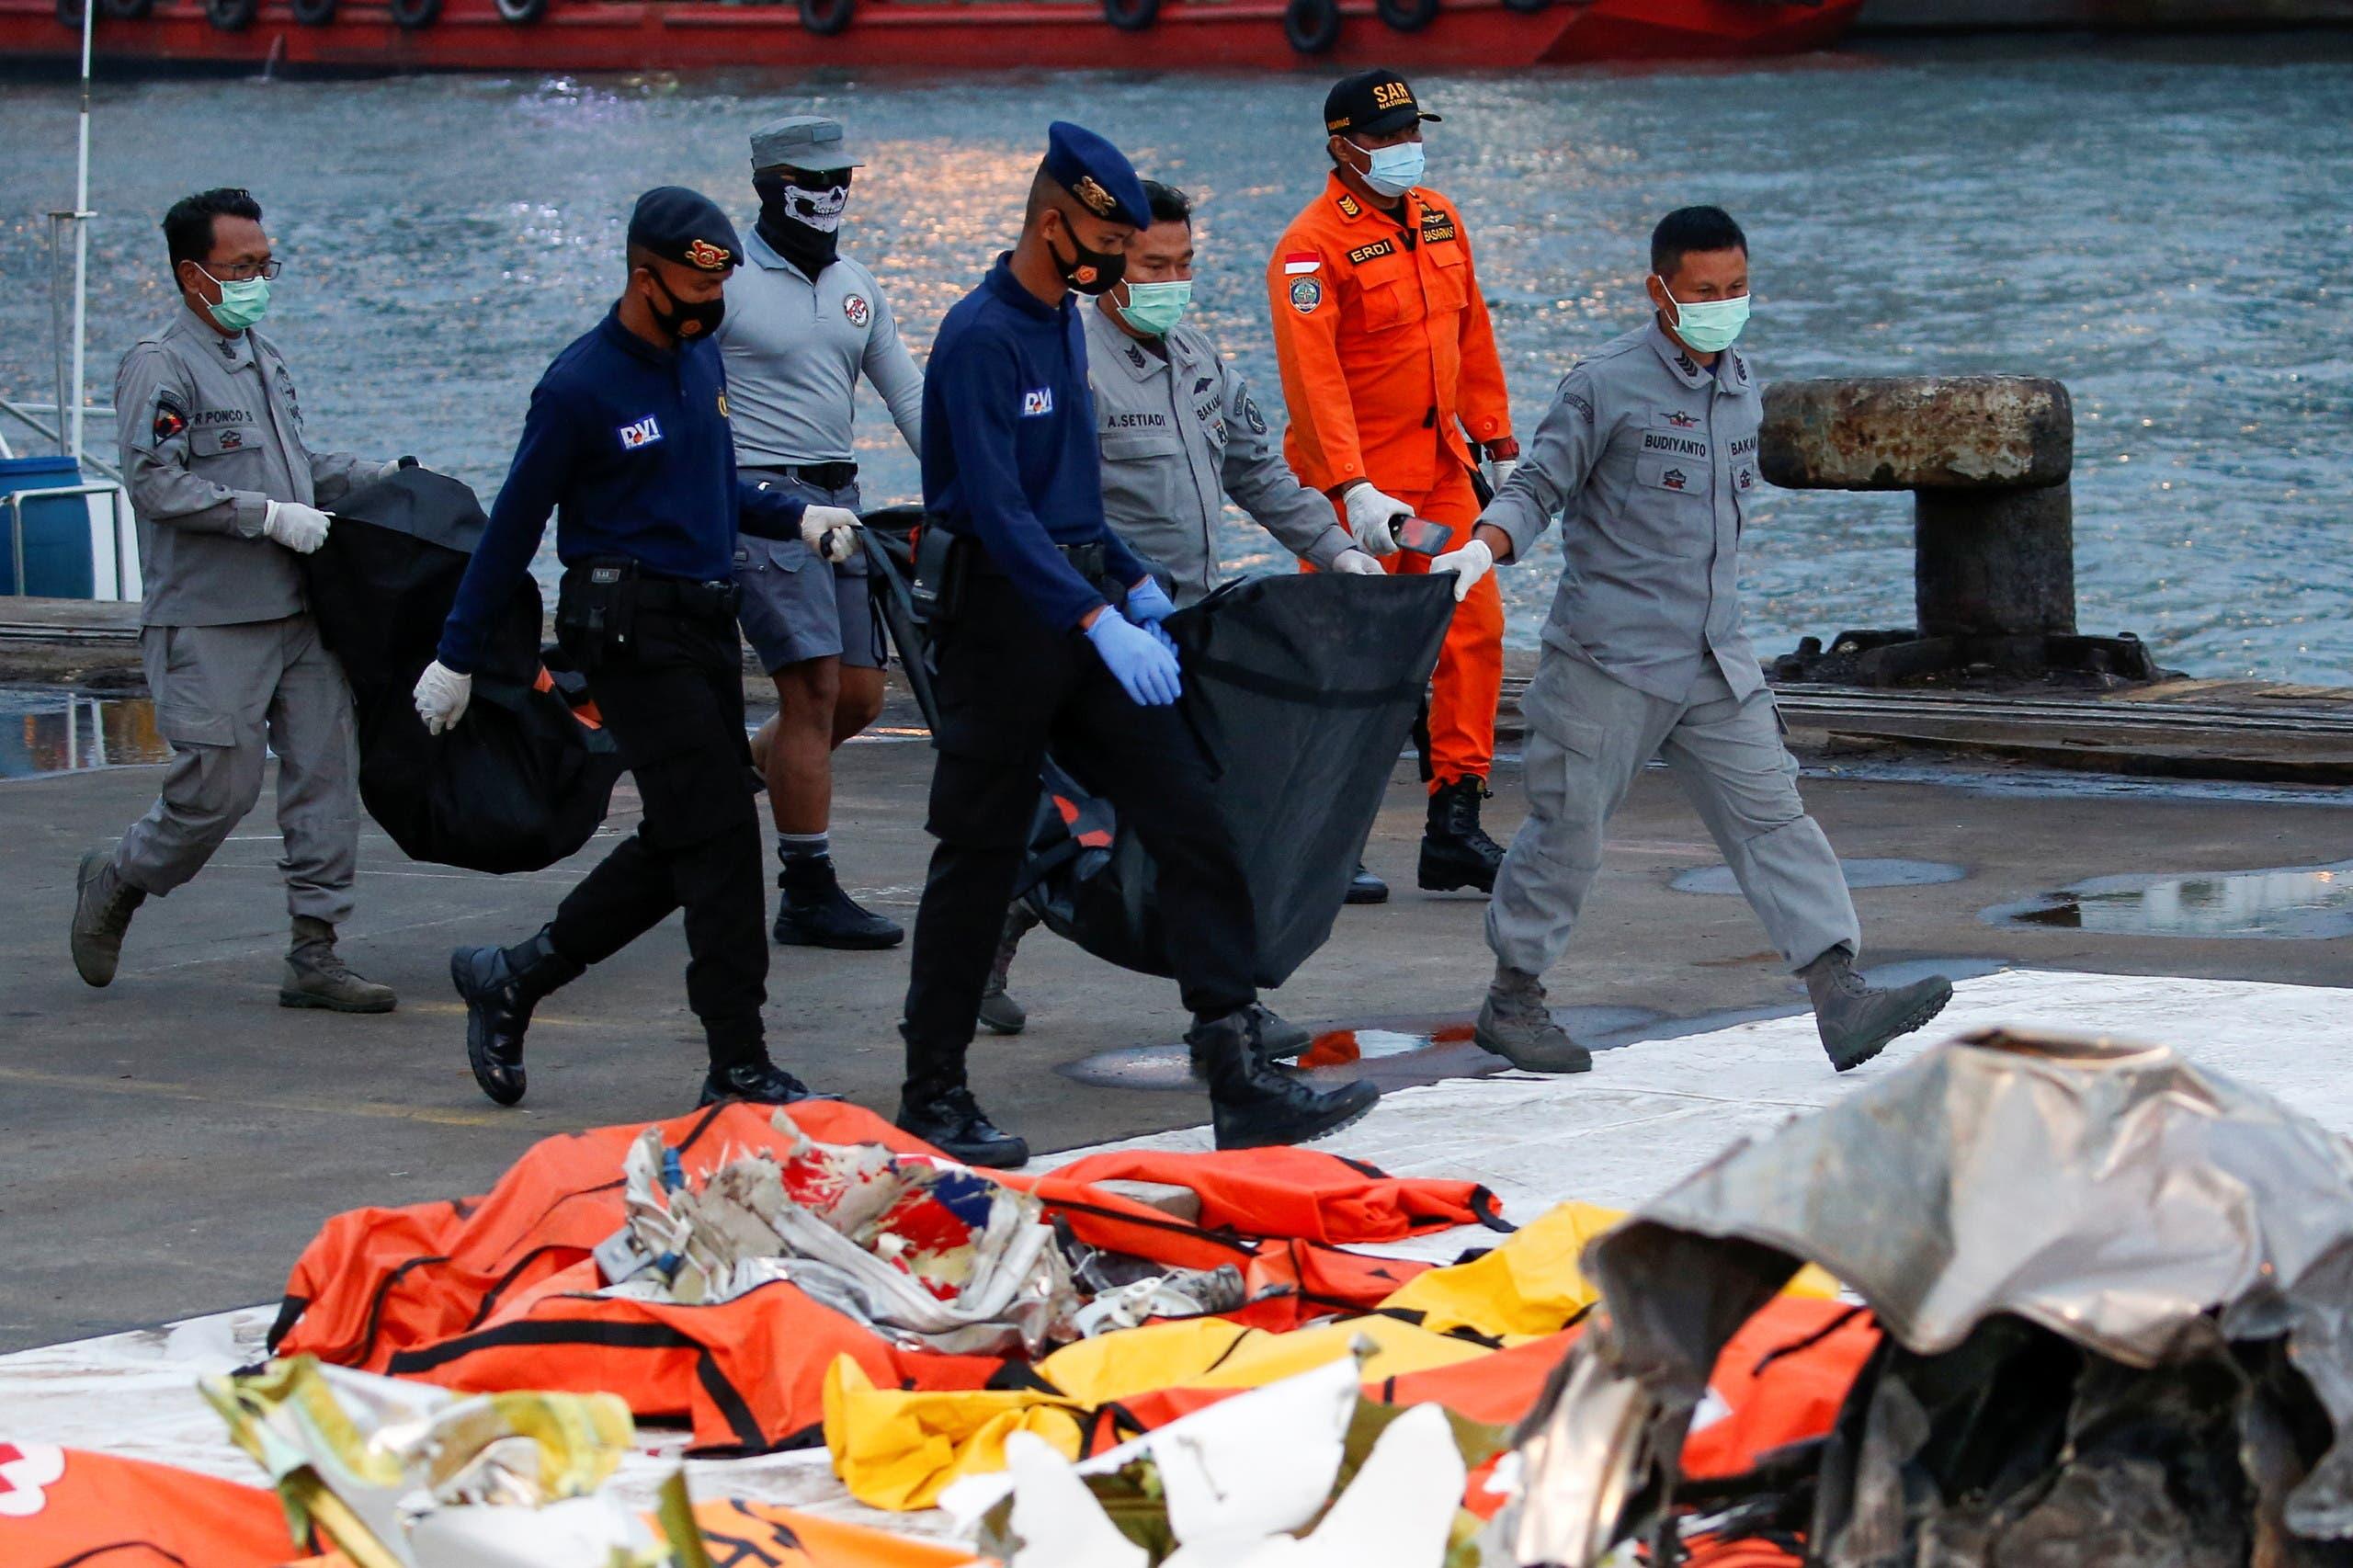 أكياس تحتوي على رفات بشرية وحطام انتشلها الغواصون في منطقة سقوط الطائرة